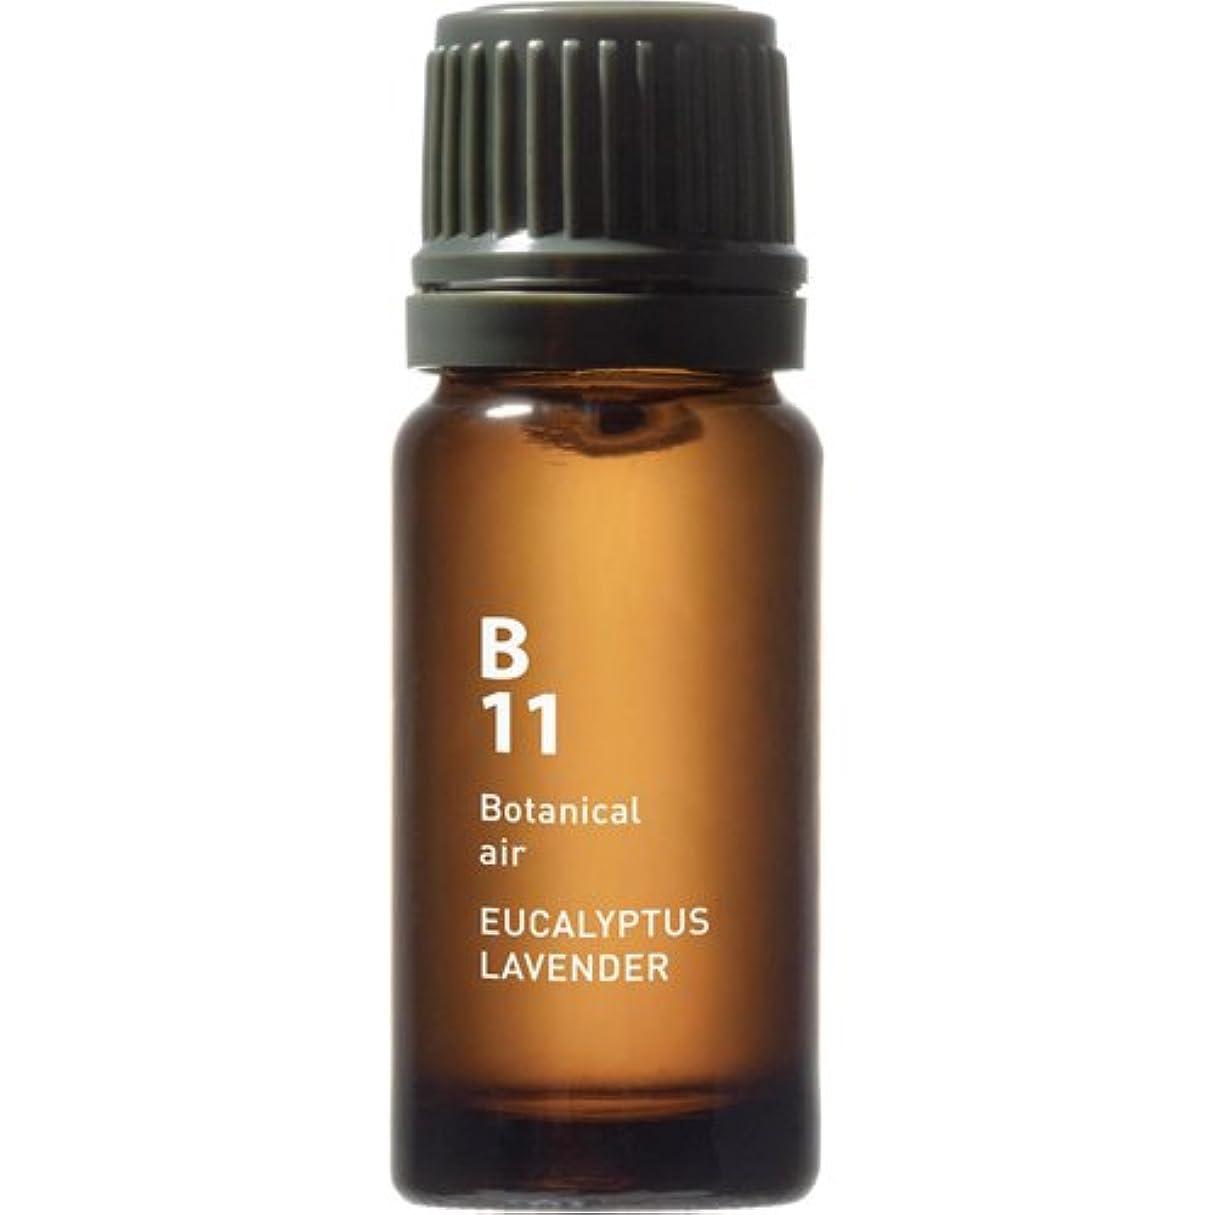 スペアいっぱいまさにB11 ユーカリラベンダー Botanical air(ボタニカルエアー) 10ml